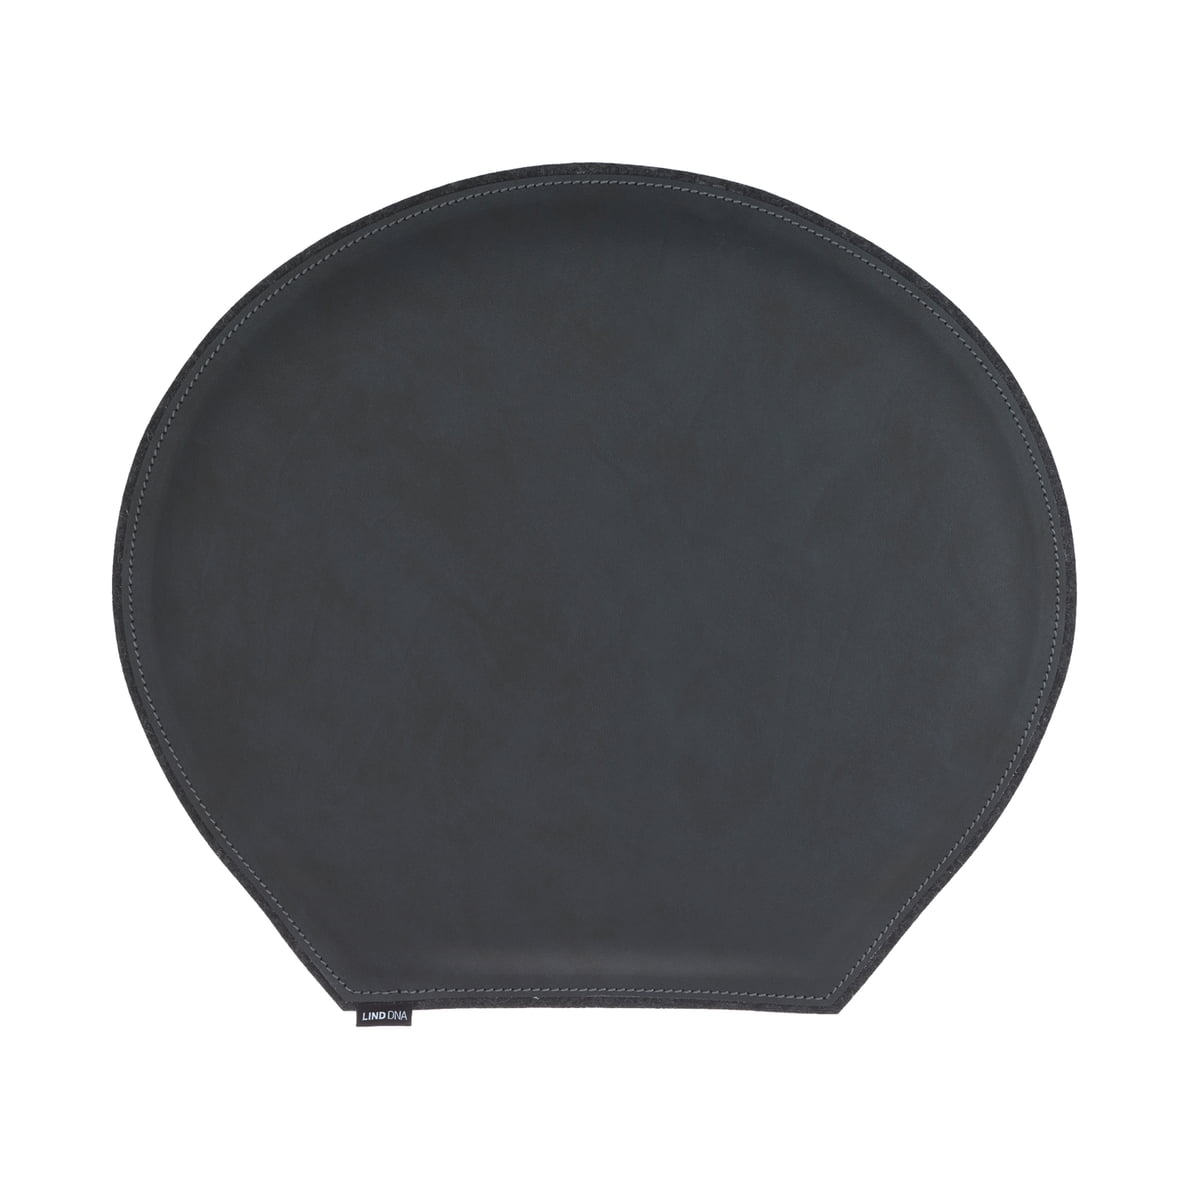 Sitzkissen Für Stuhl stuhlpolster für serie 7 linddna bei connox ch